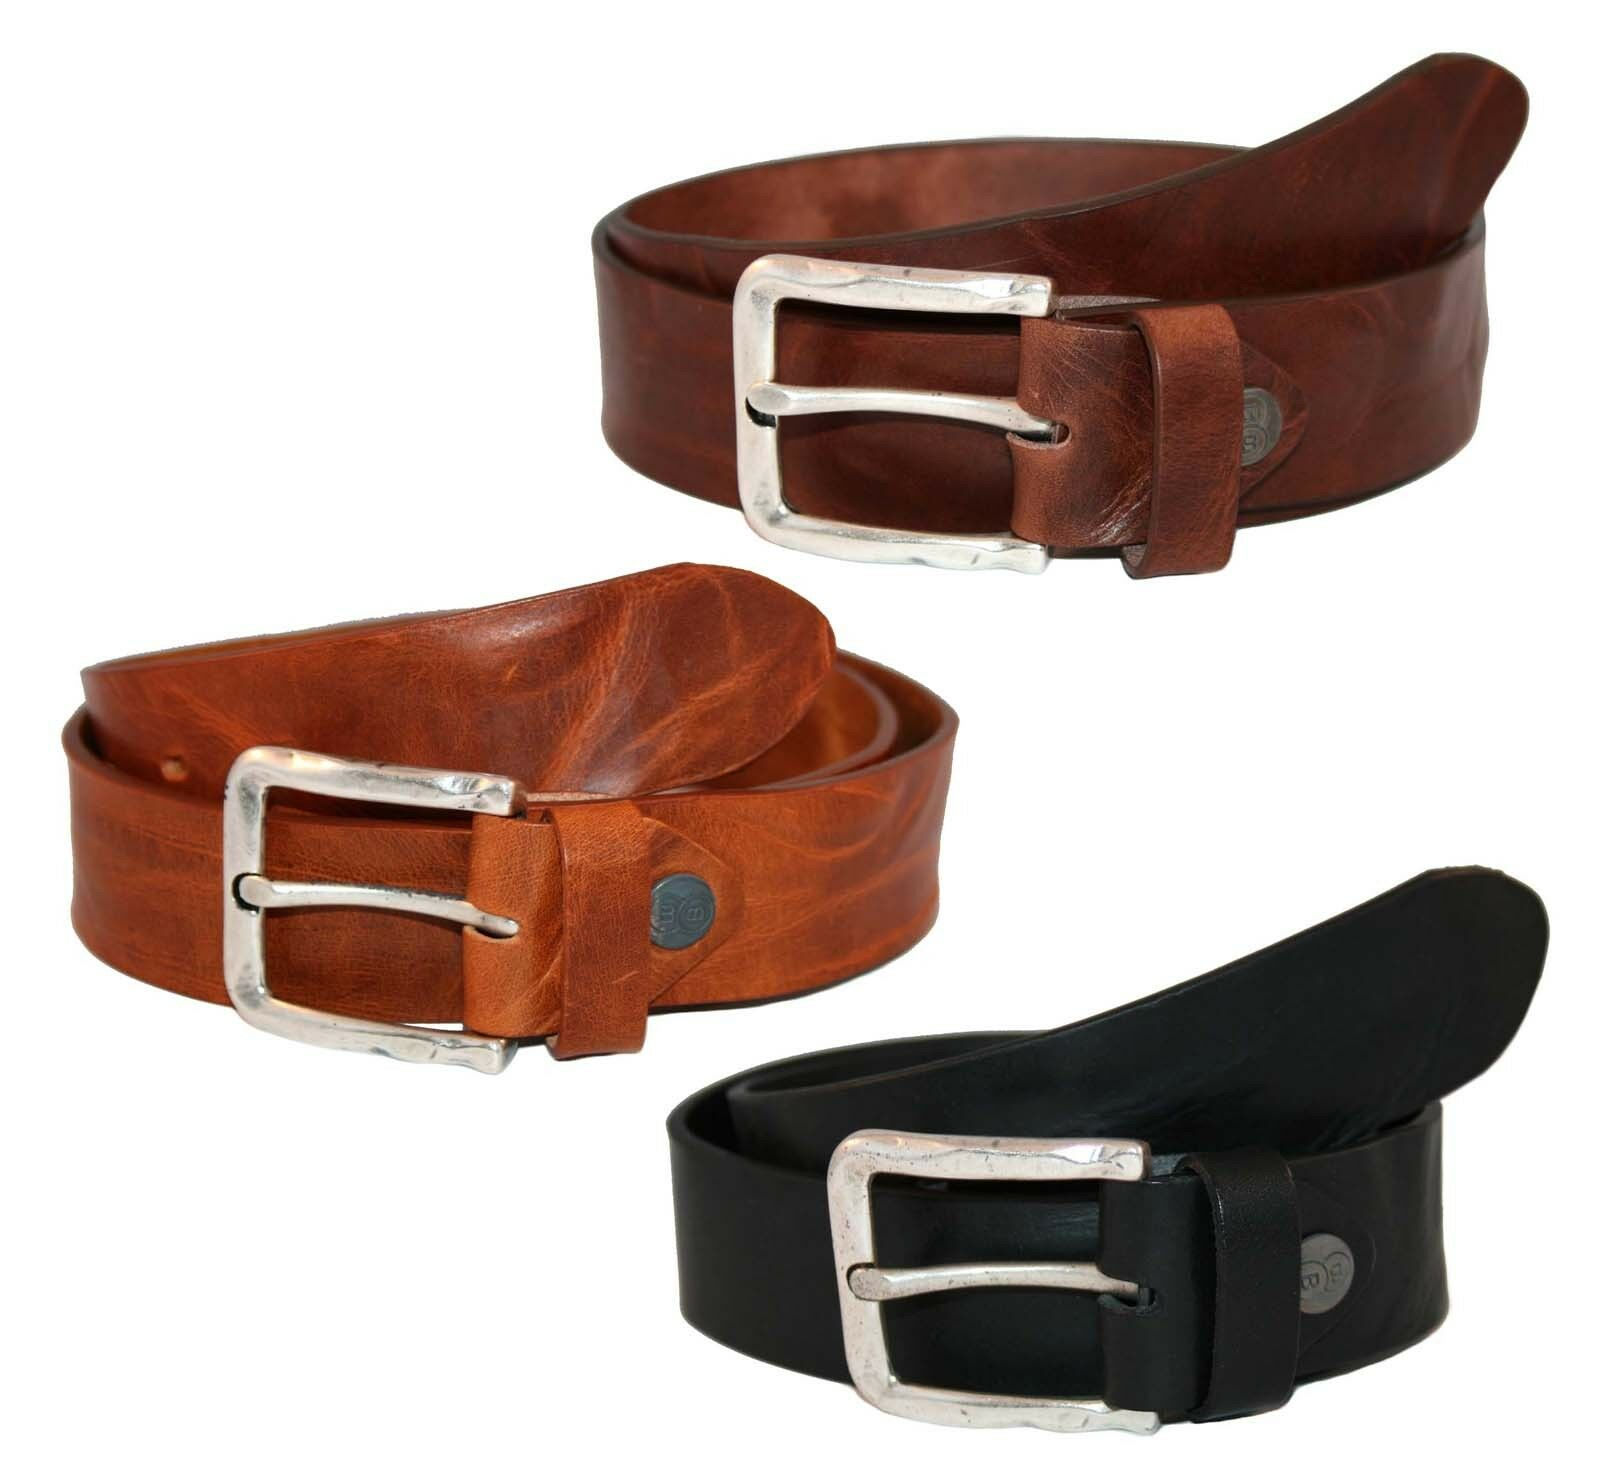 Buckles & Belts William Belt Belt Leather Belt